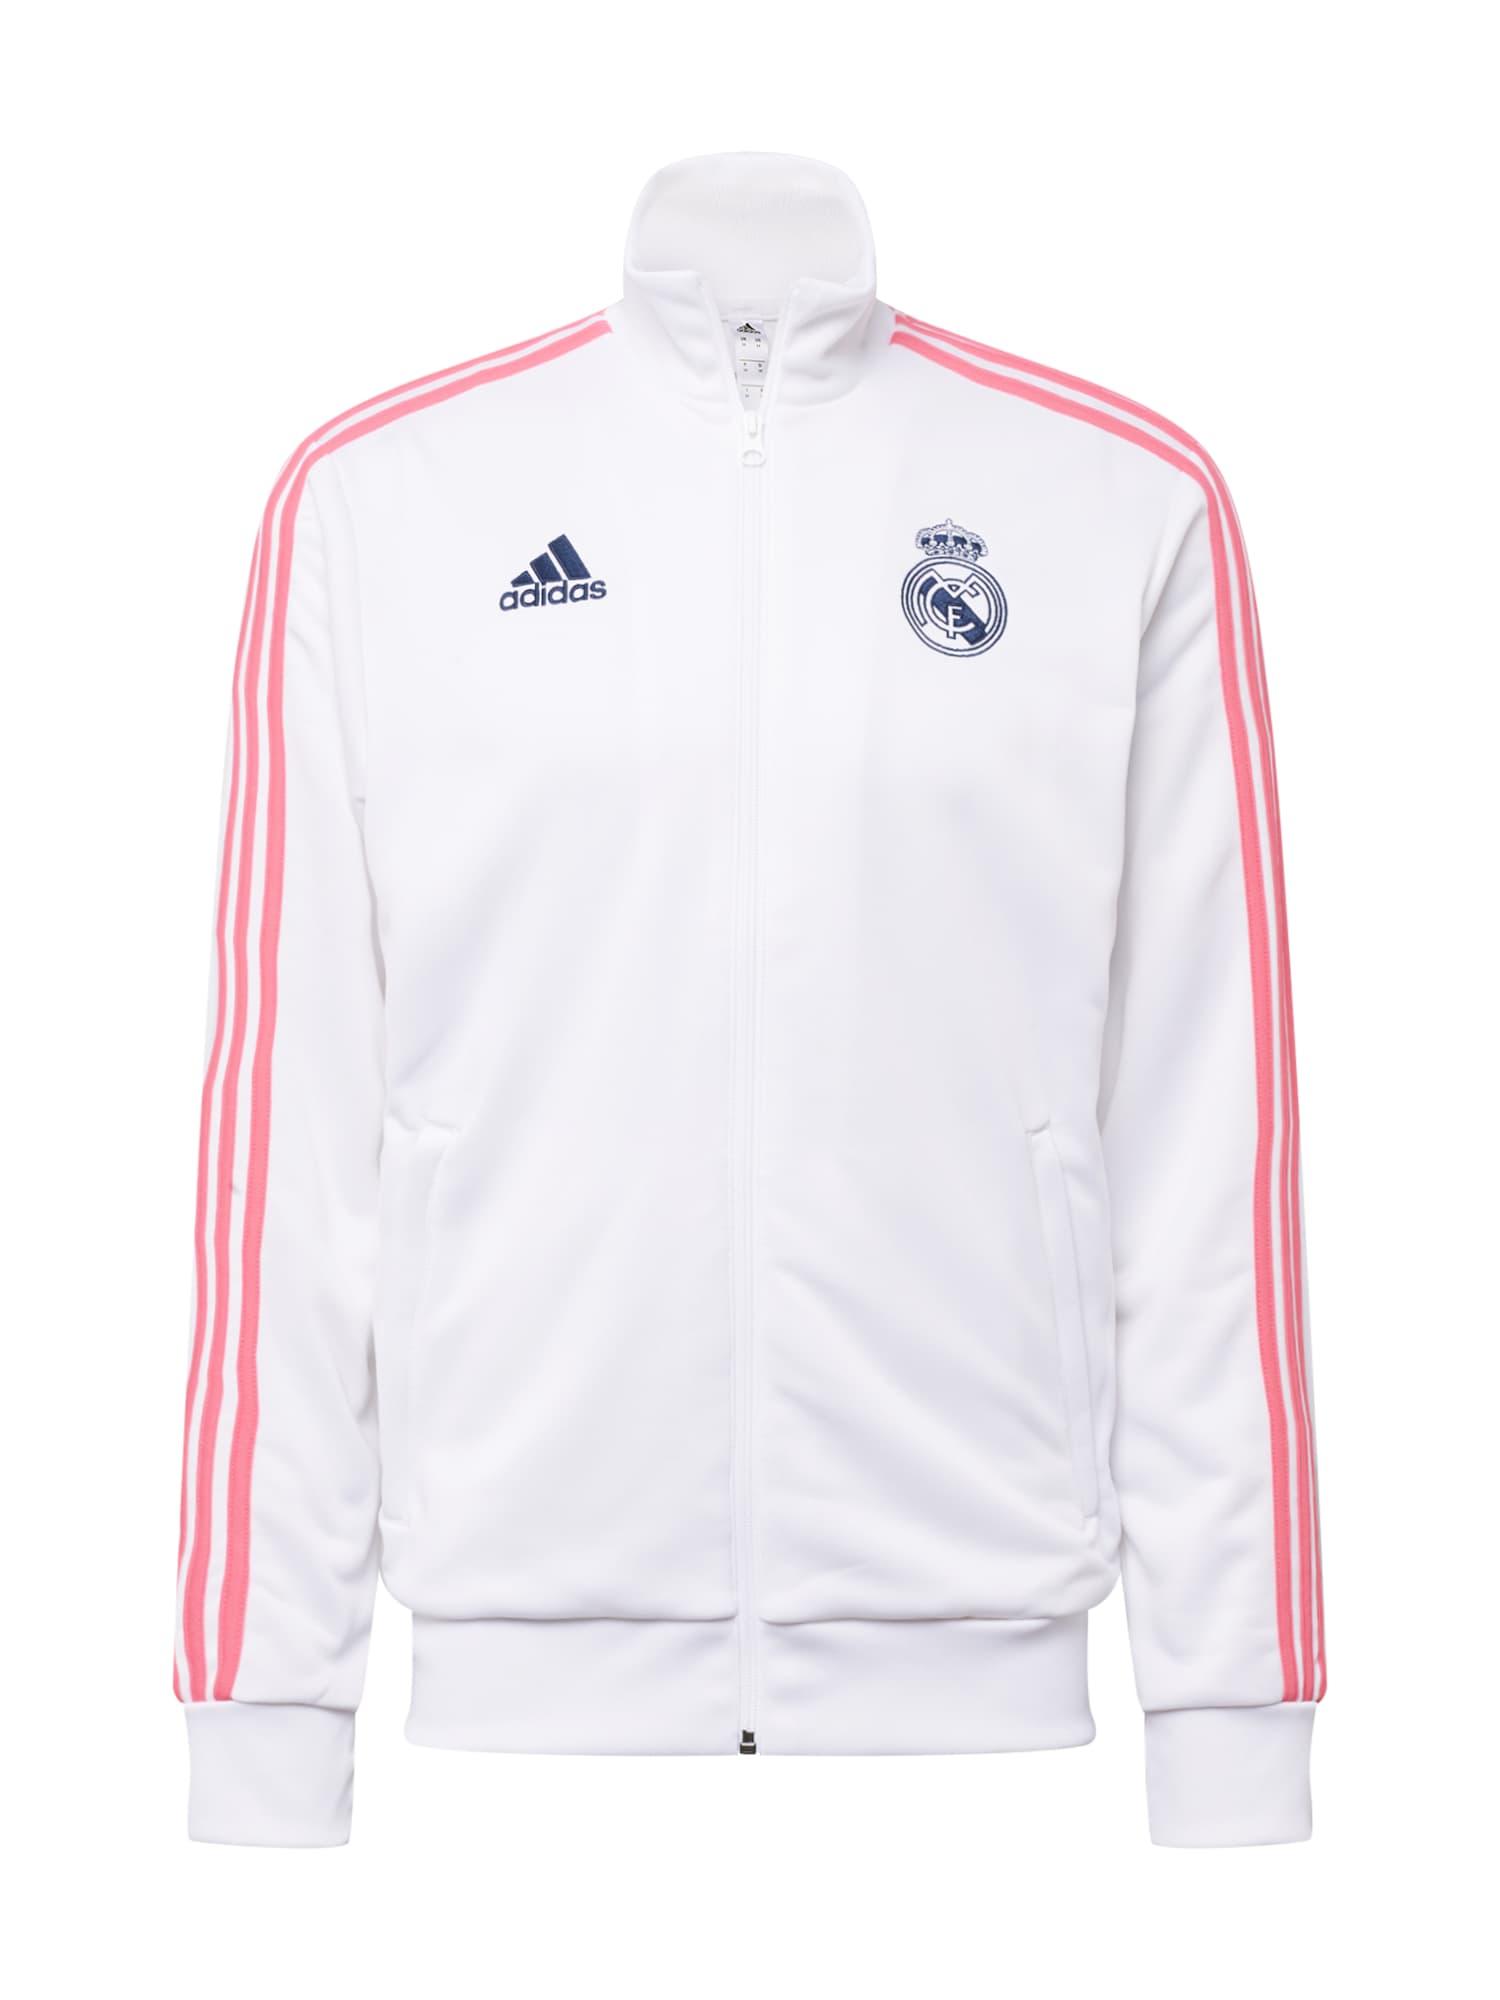 ADIDAS PERFORMANCE Sportovní bunda 'REAL MADRID'  noční modrá / bílá / růže